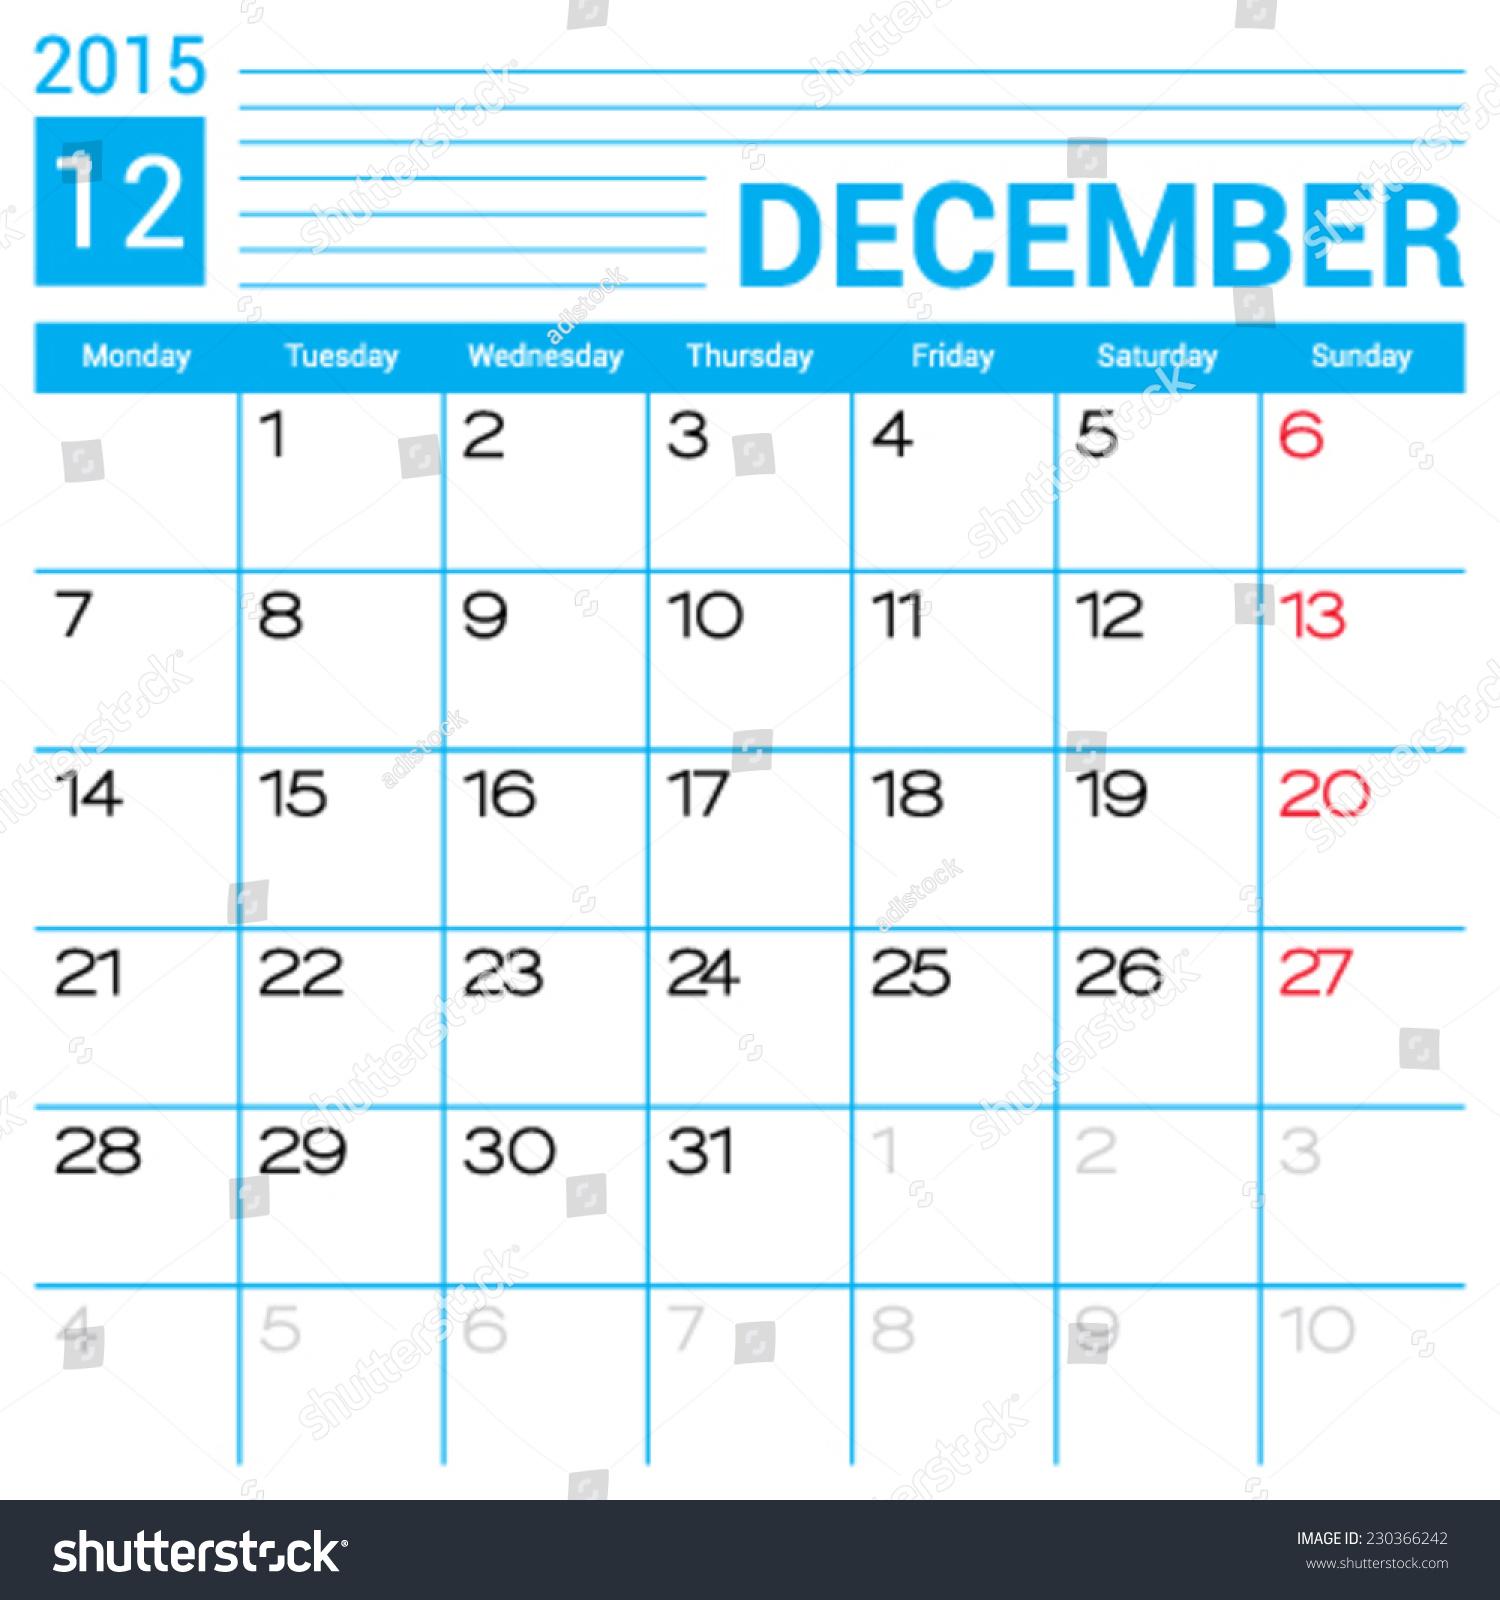 December 2015 Calendar Vector Design Template Stock Vector (Royalty